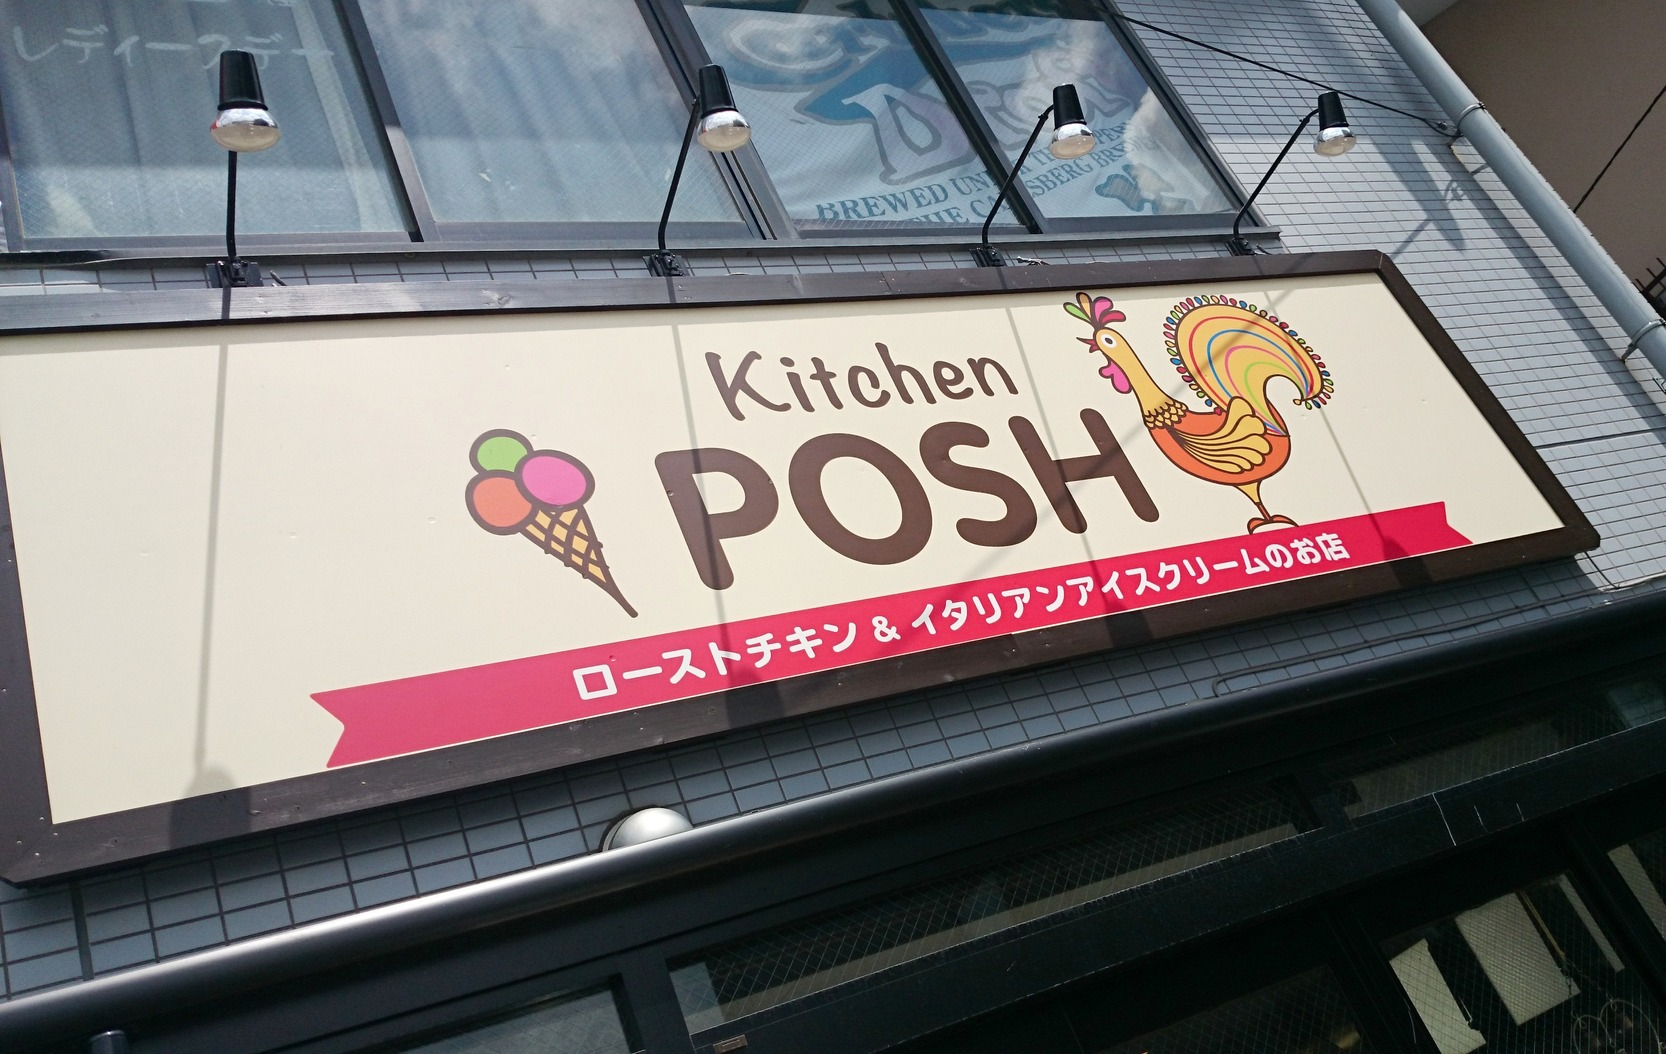 キッチン ポッシュ